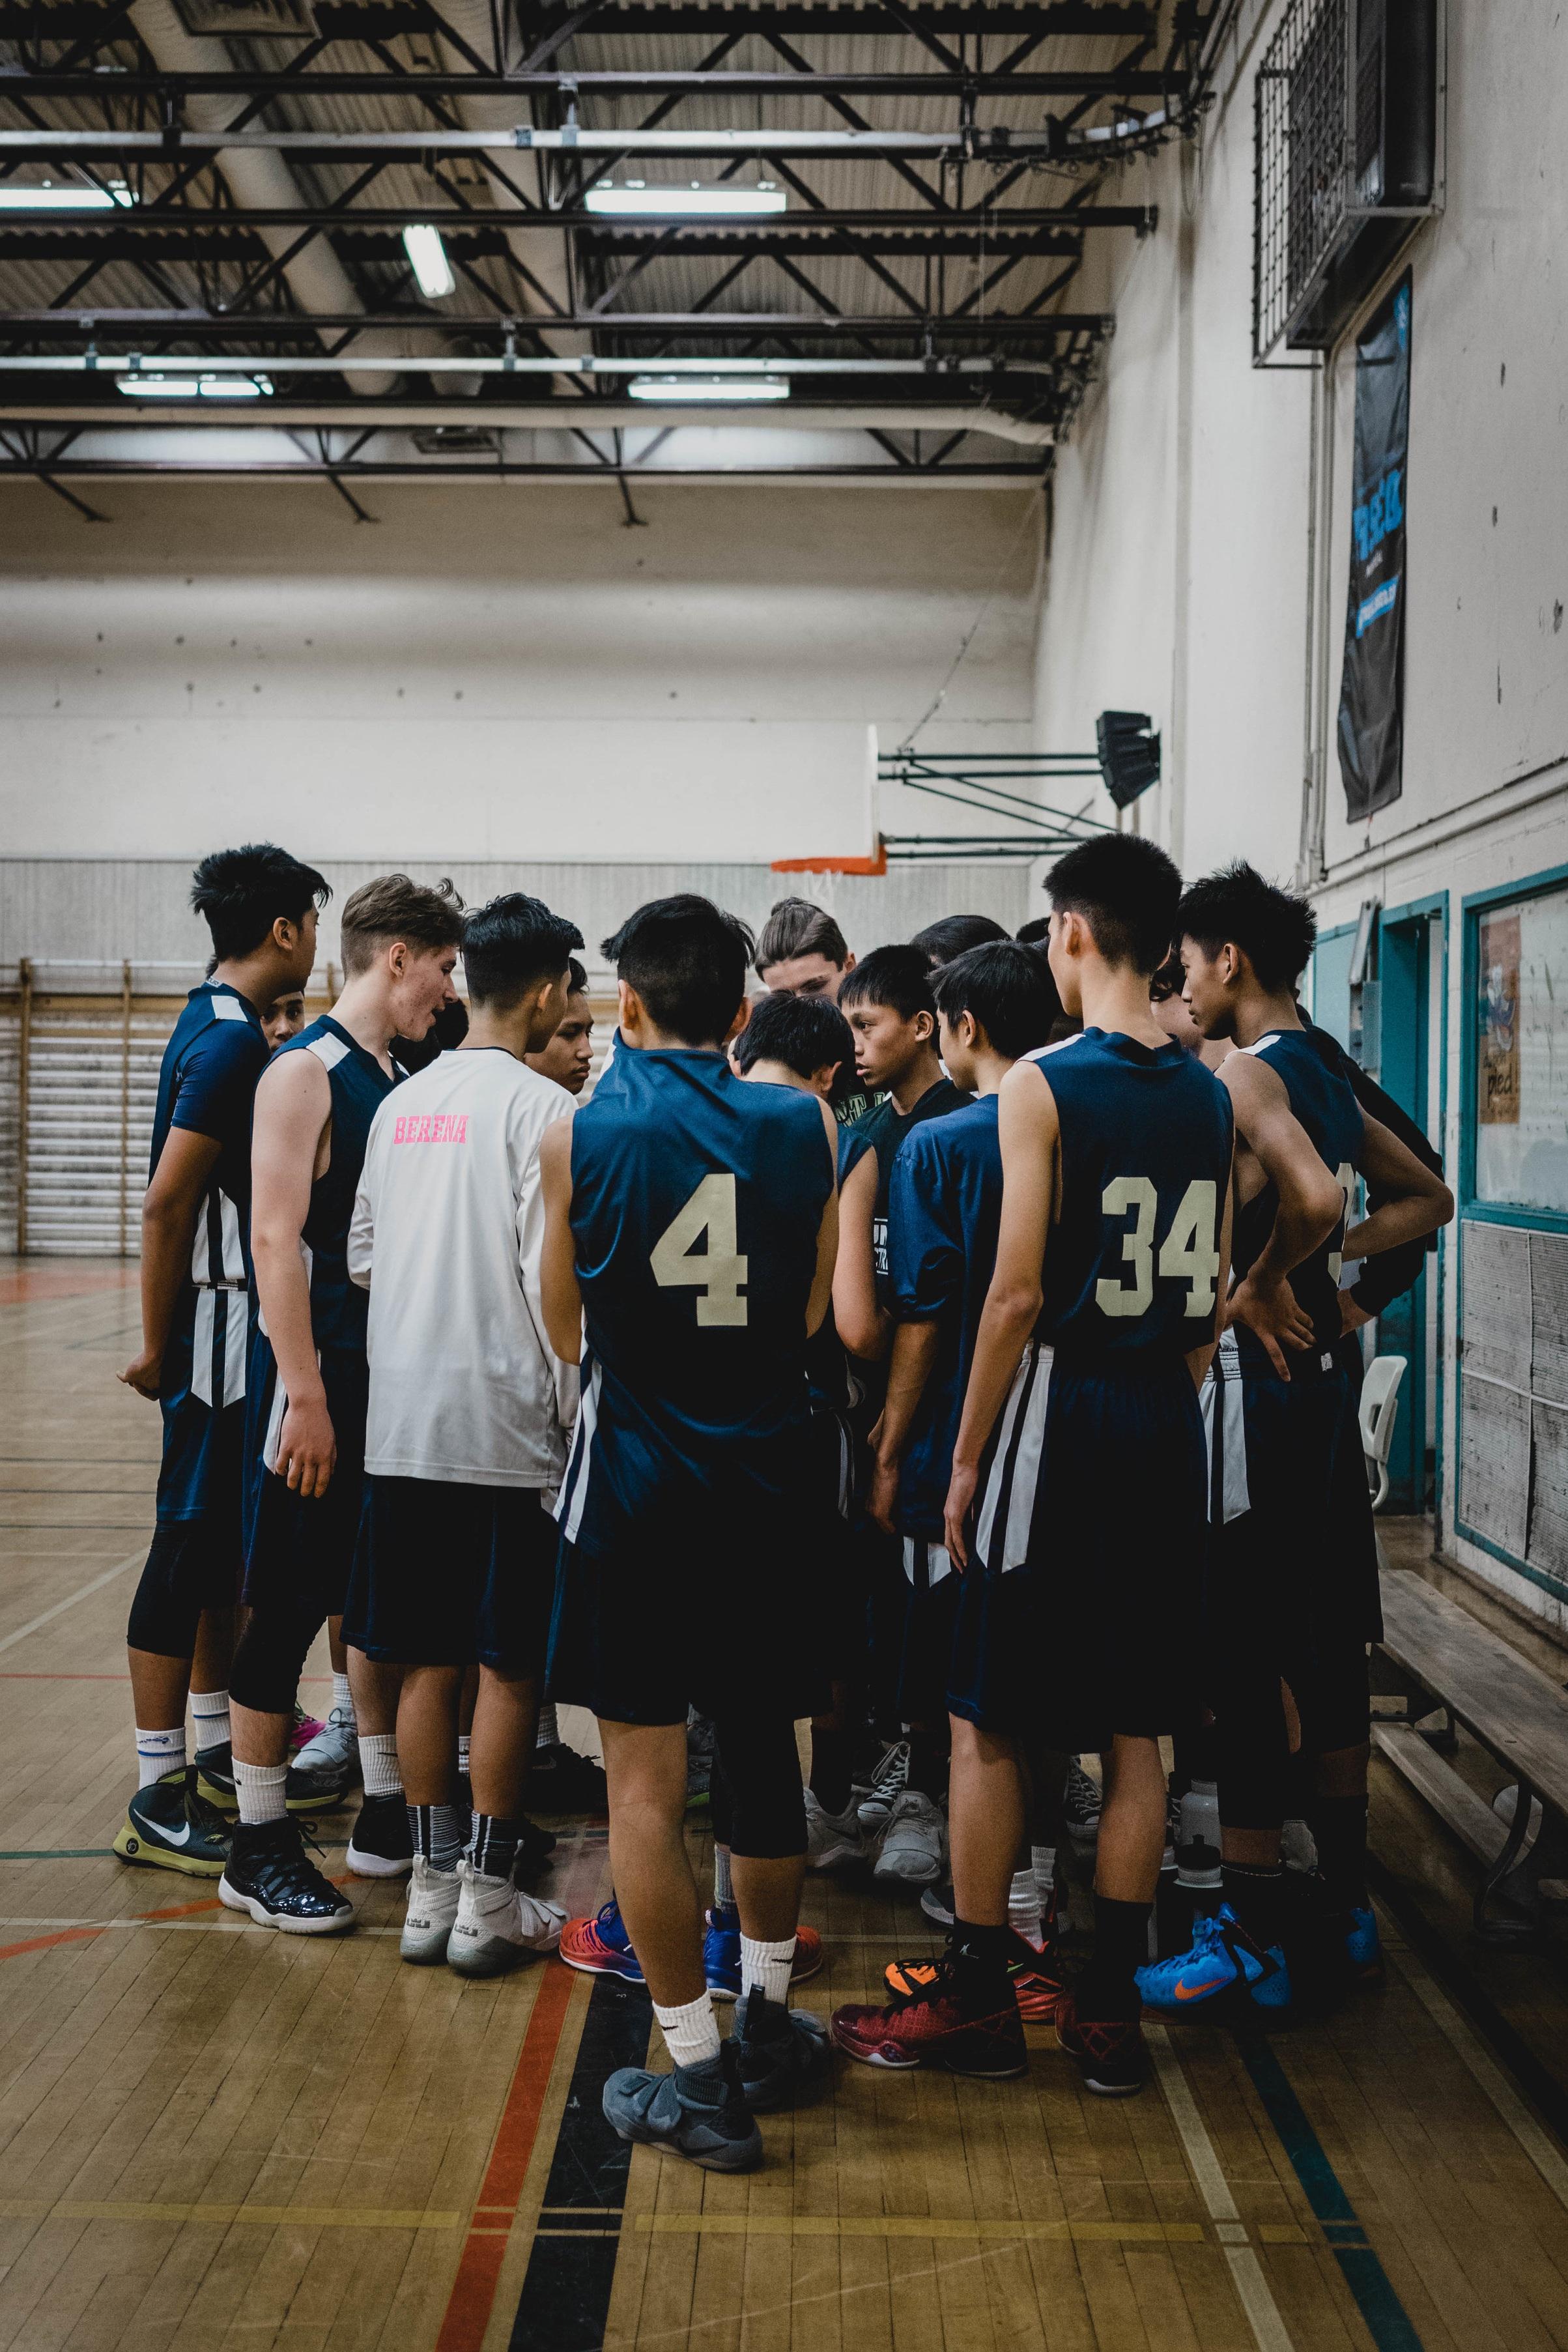 Tagar Akademi Basketbol - Tagar Basketbol Okulu ile ilgili detaylı bilgi almak için lütfen tıklayınız ➝